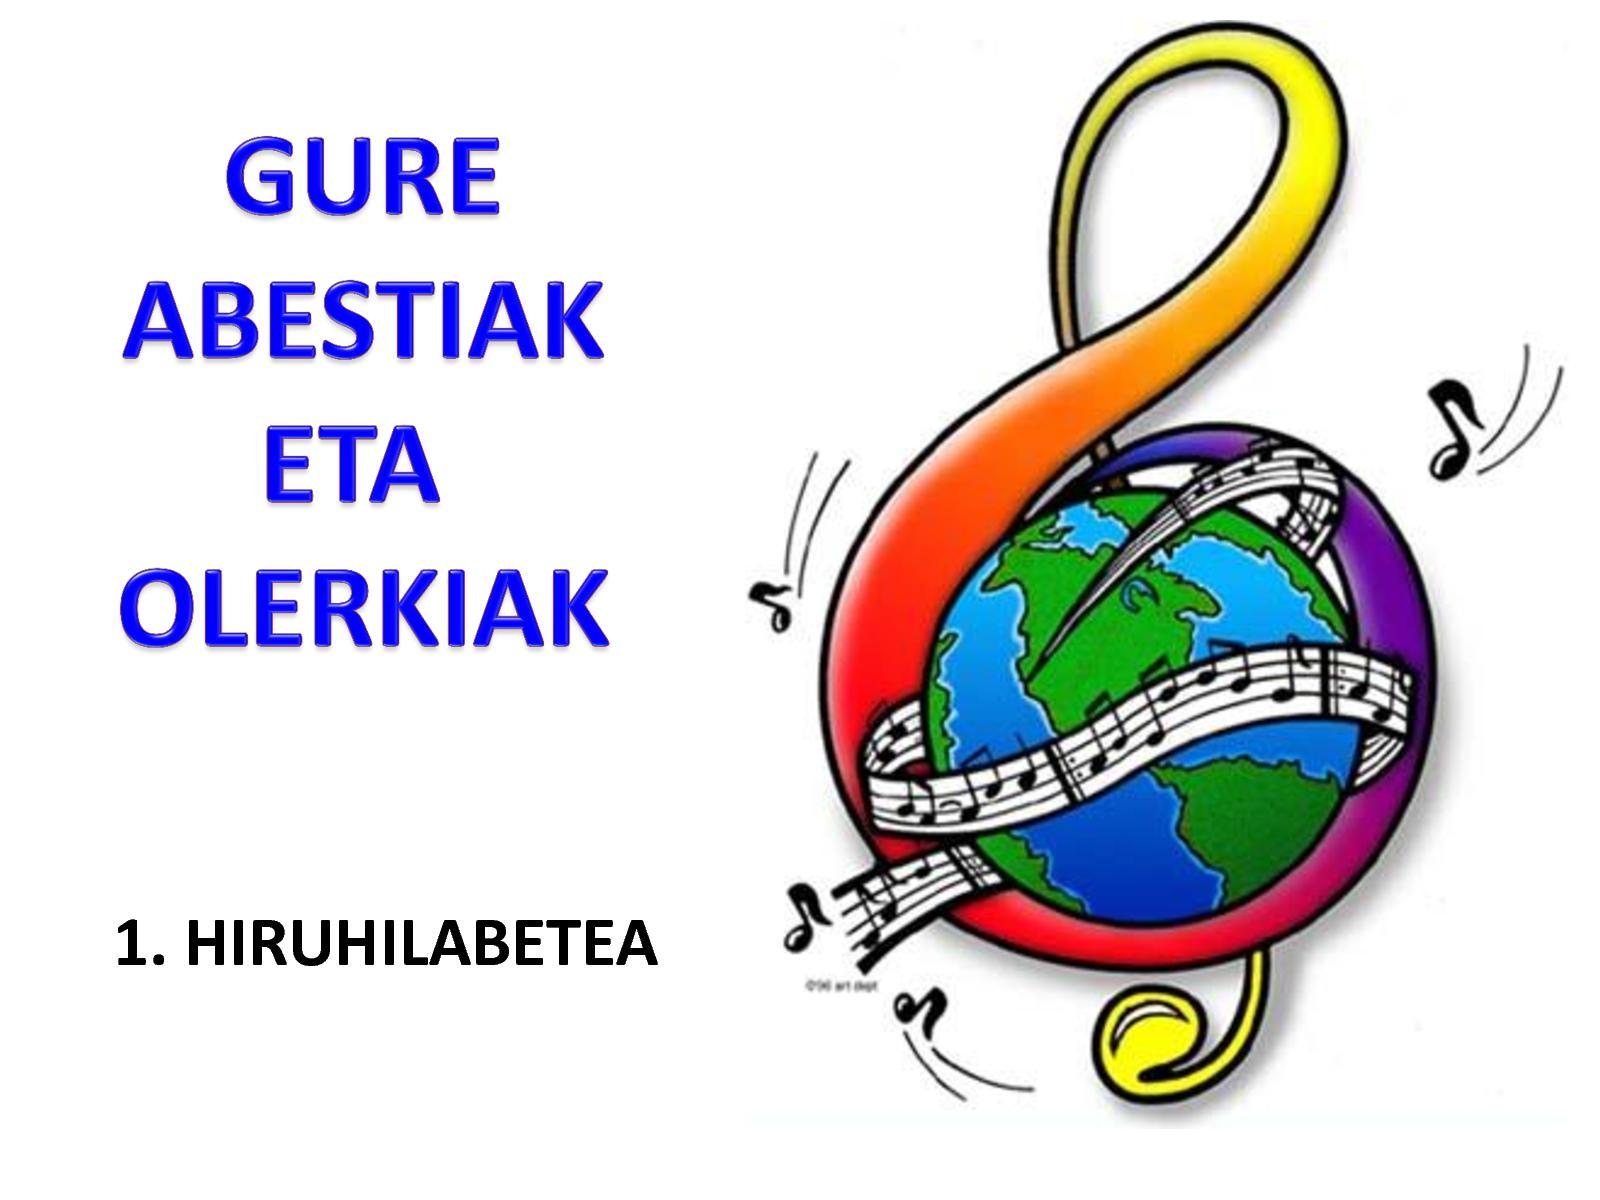 Olerkiak Eta Abestiak (1 Hiruhilabeta) 4 urte (2017-2018)